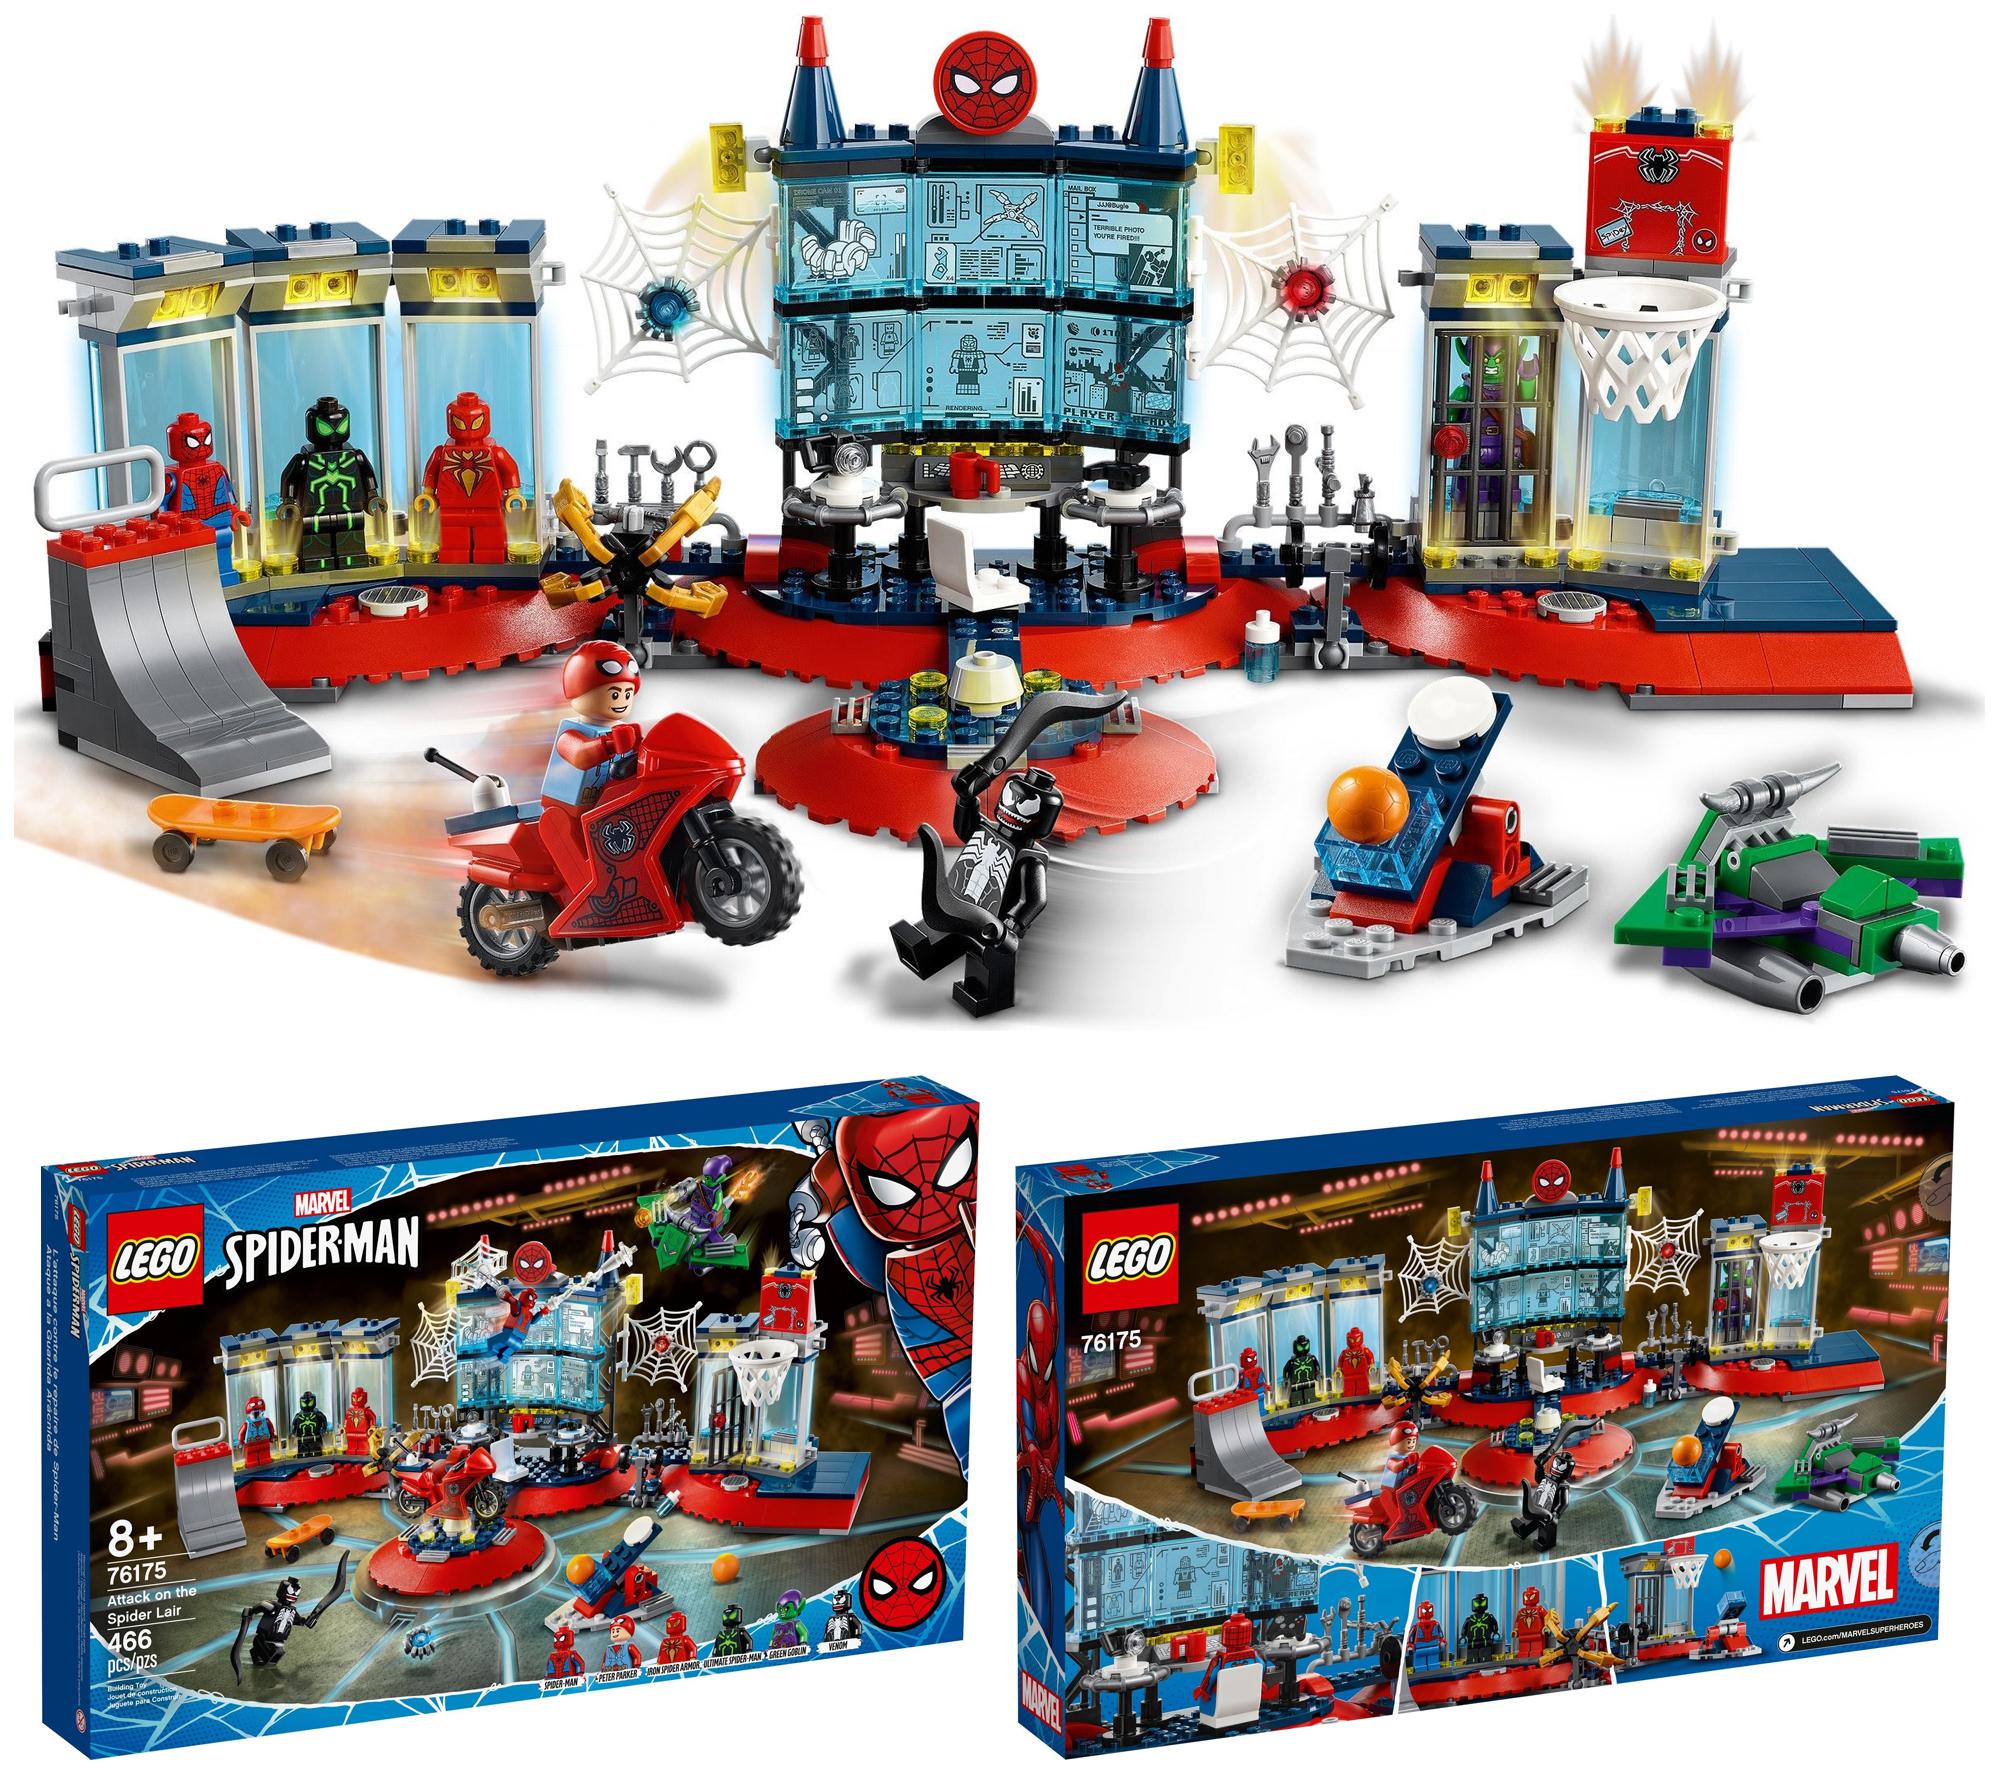 2021年3月発売レゴ・マーベル・スーパー・ヒーローズ新製品情報!サノスとスパイダーマン